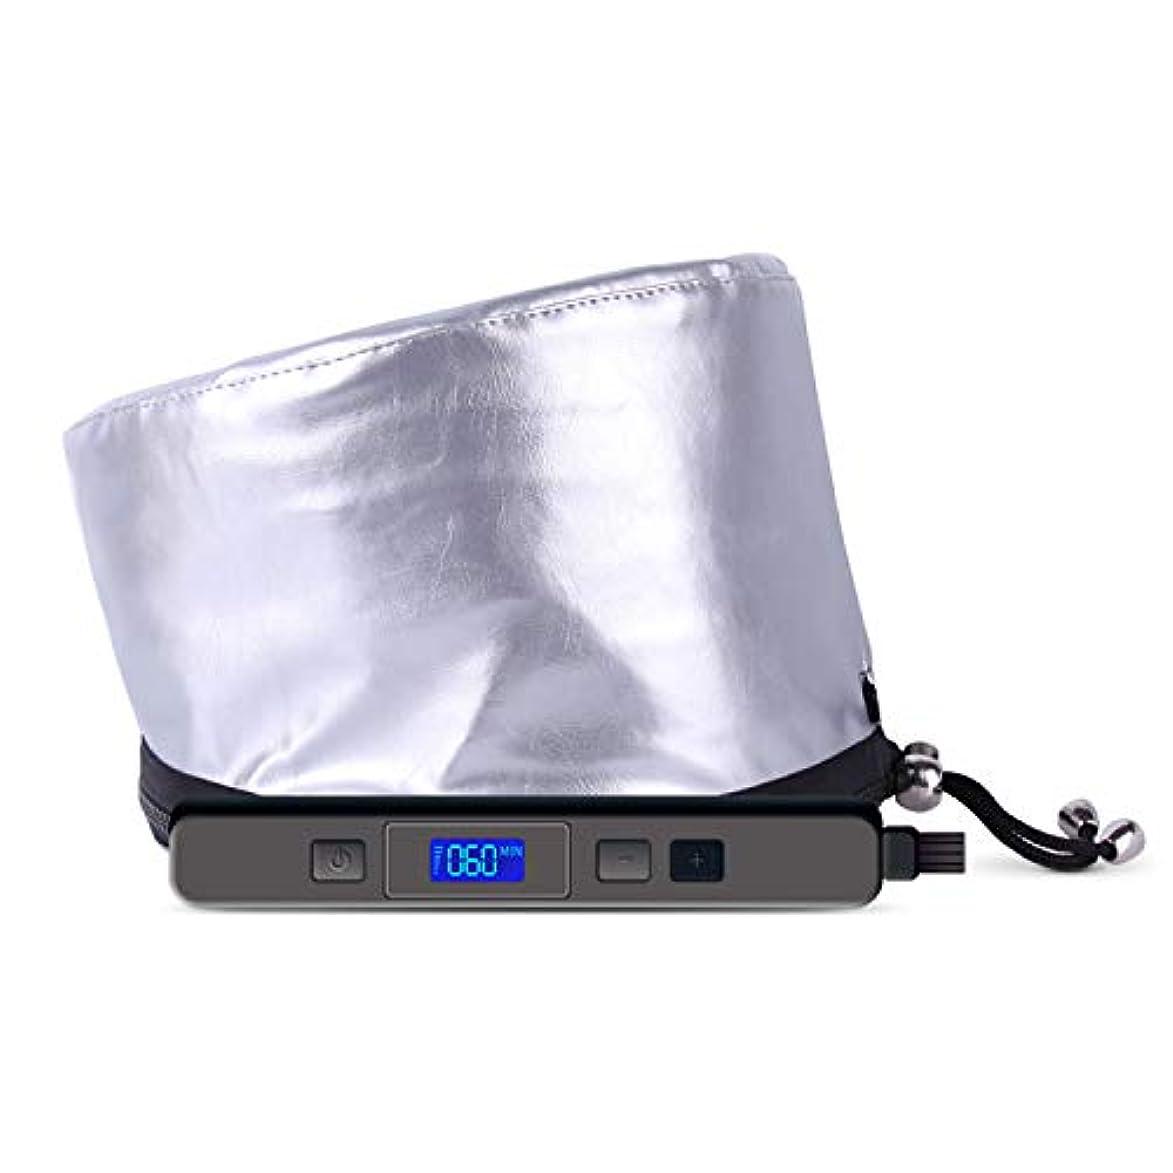 コック全く鉄ヒートキャップ LED温度表示可調節深い浸透の毛および頭皮裏外防水髪染め トリートメント加温キャップ女性たち110V